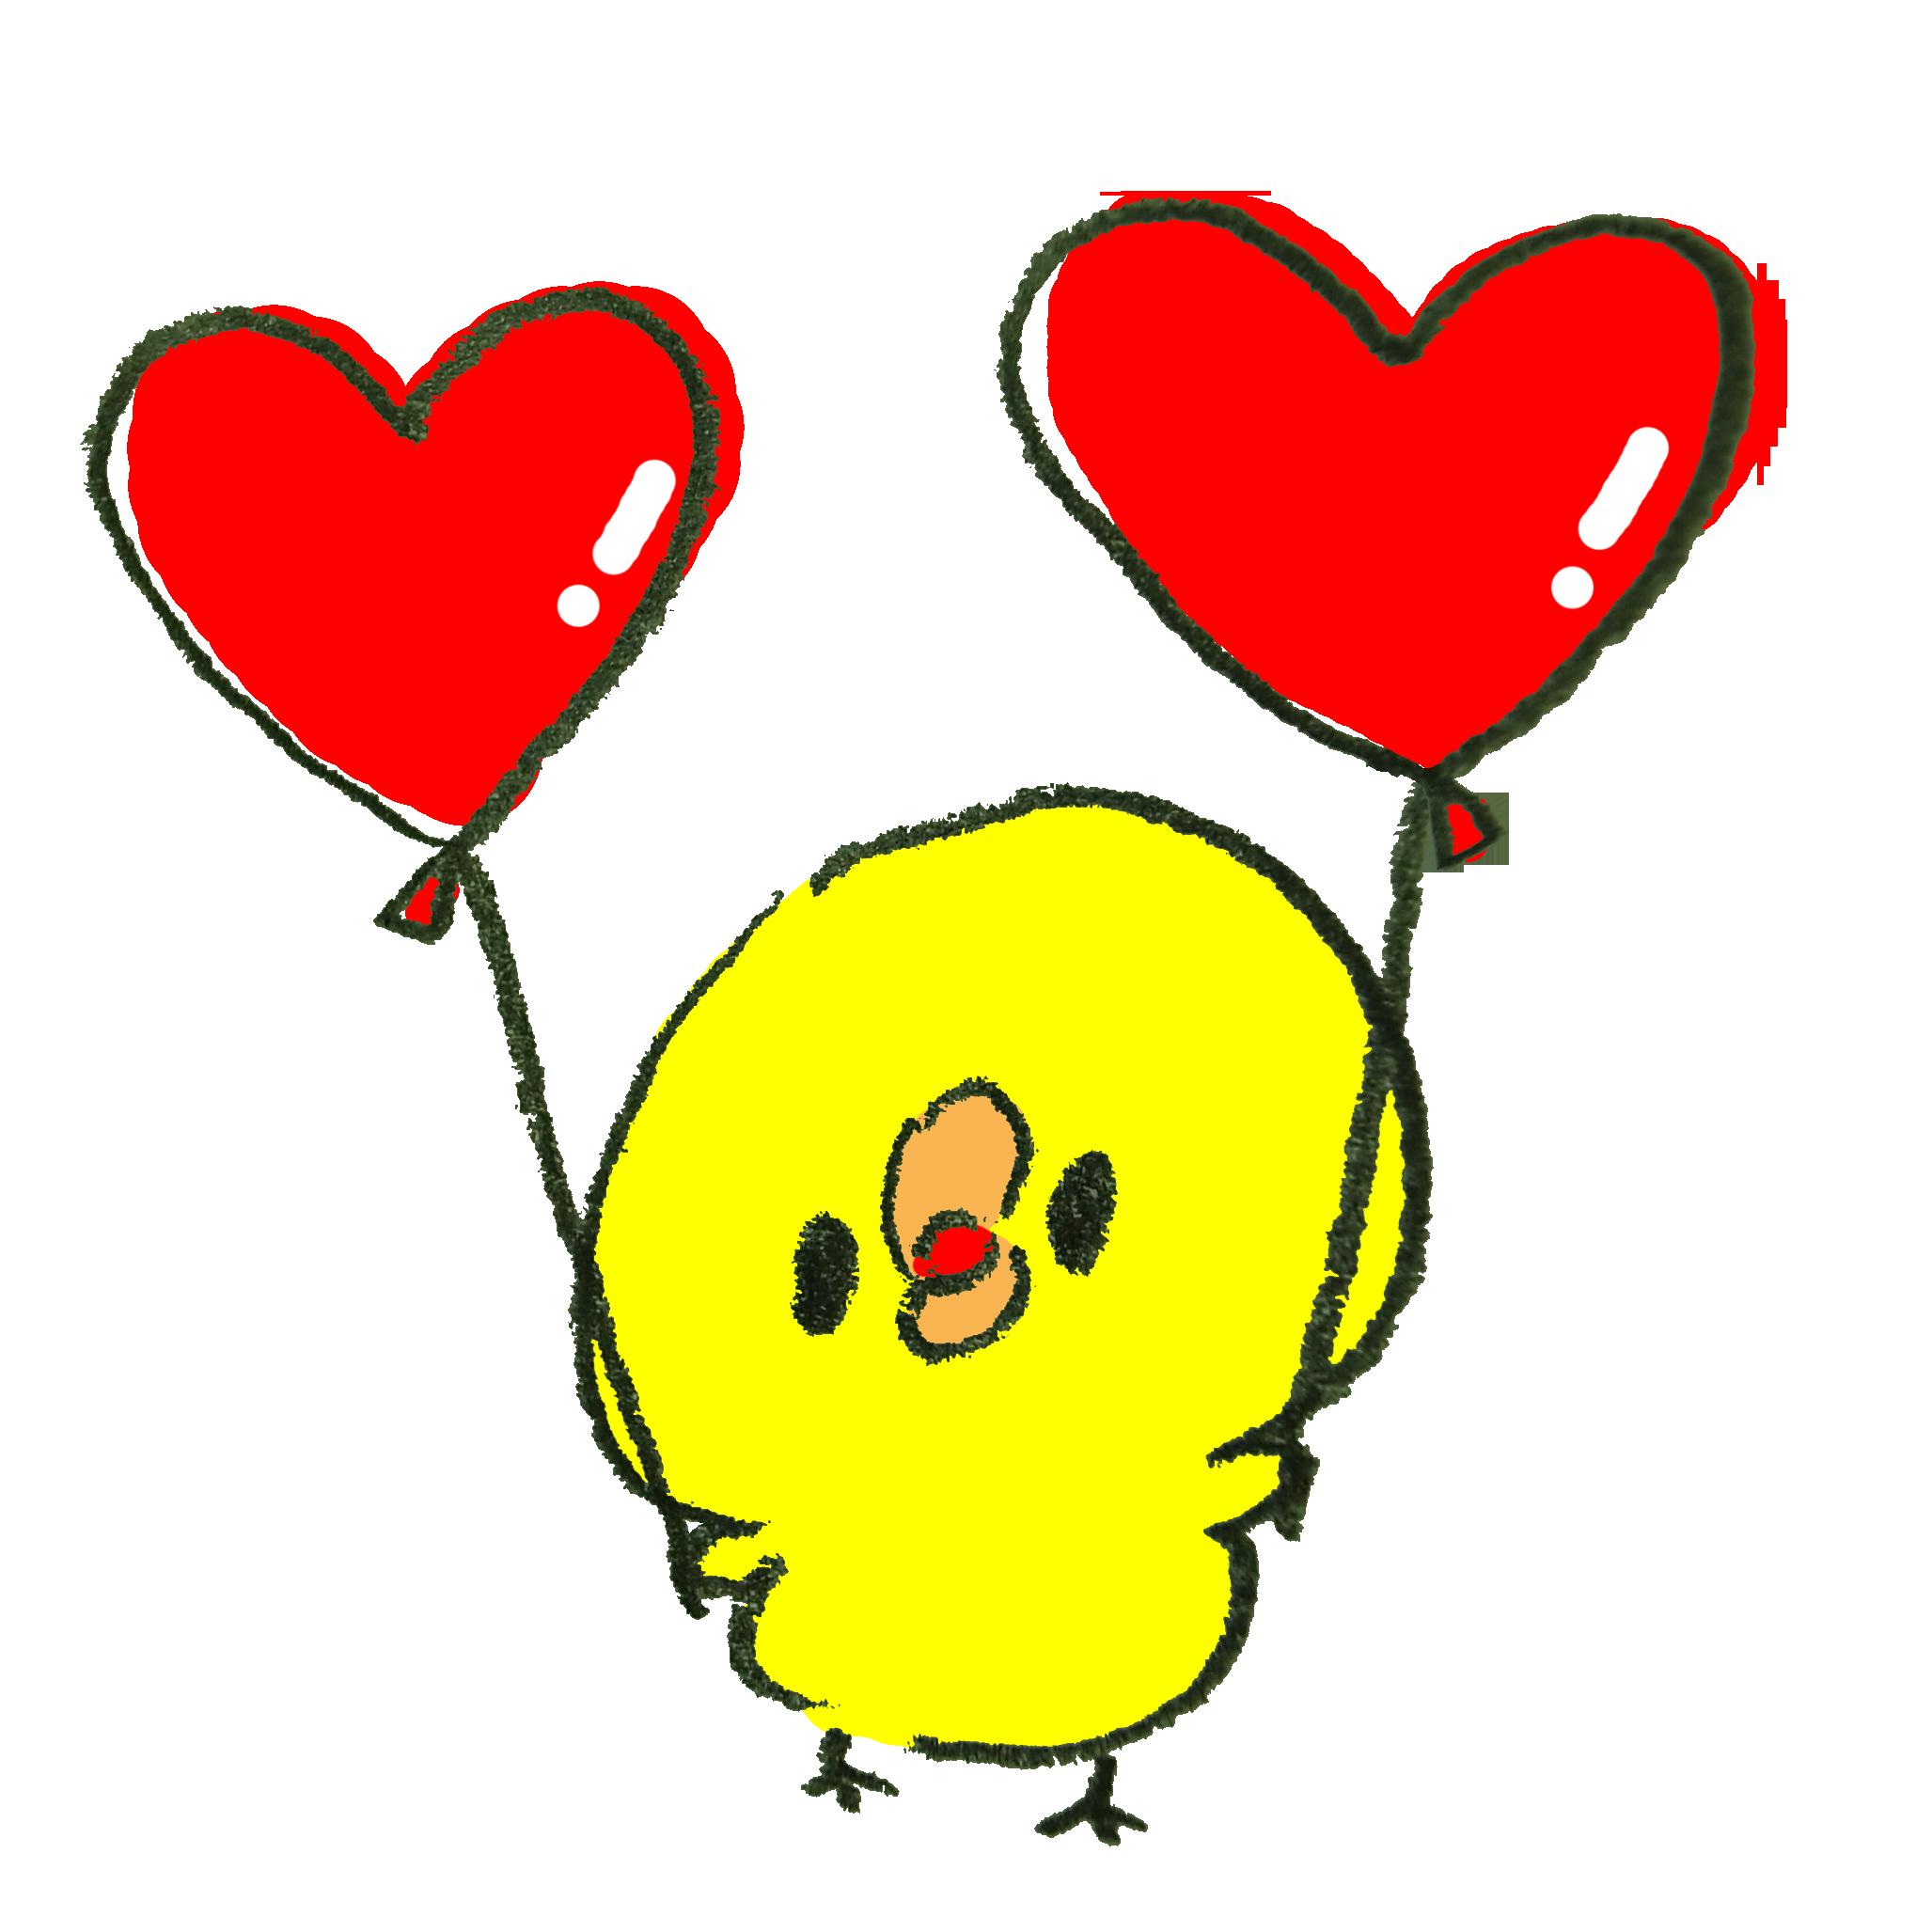 バレンタインデー のイラスト素材一覧 ゆるくてかわいい無料イラスト